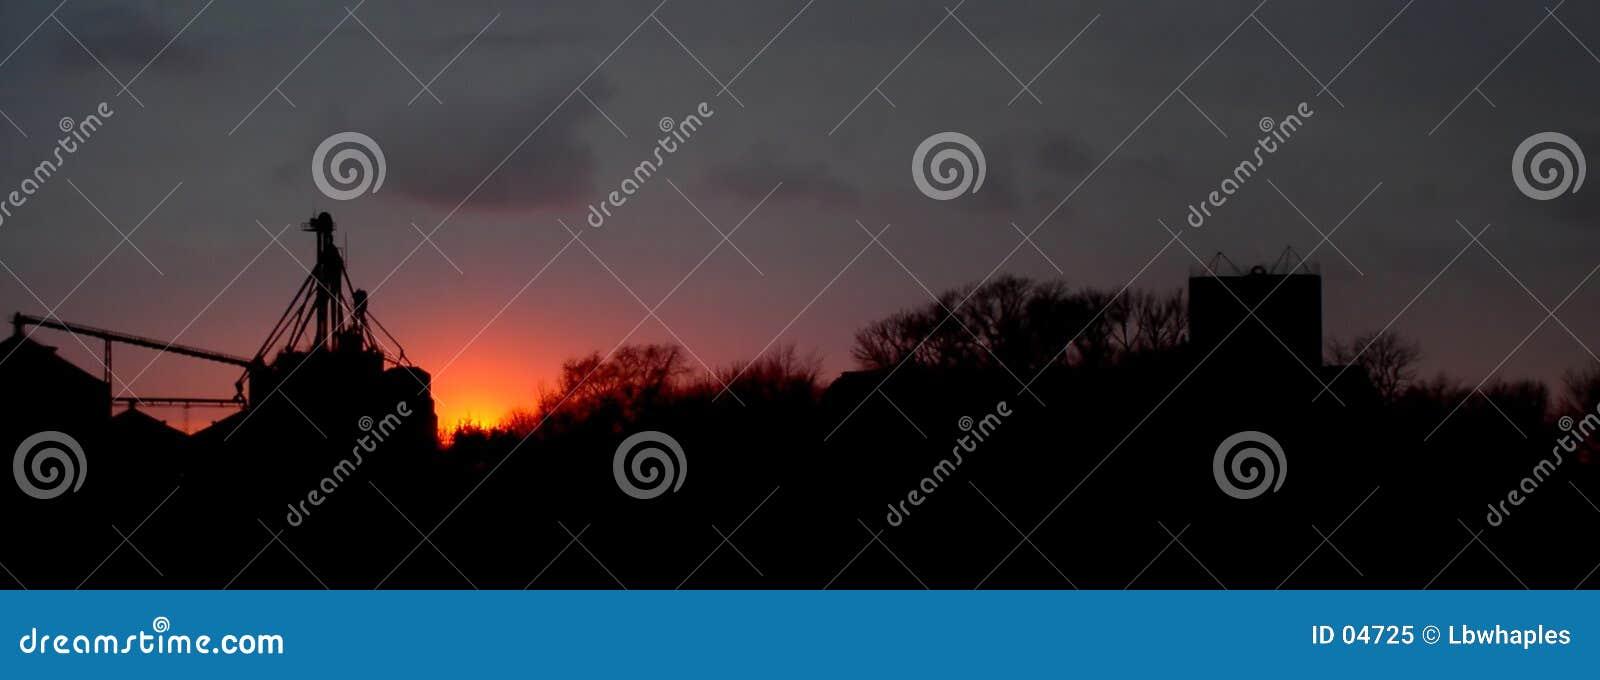 Landwirtschaftlicher Sonnenuntergang